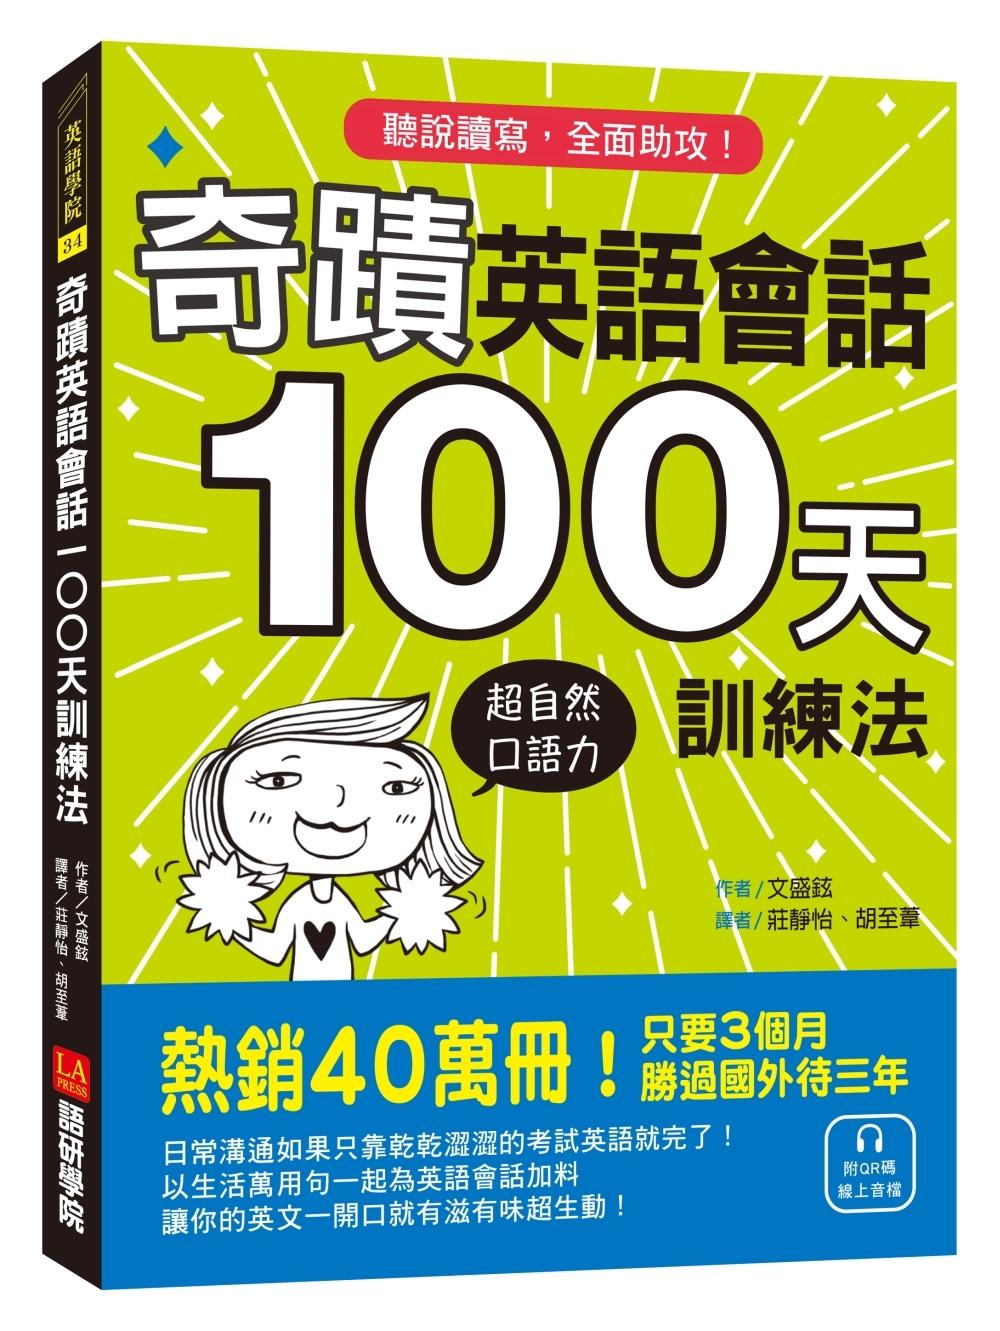 奇蹟英語會話100天訓練法:熱銷40萬冊!只要3個月,立即擁有超自然口語力,聽說讀寫全面助攻!(附QR碼線上音檔)